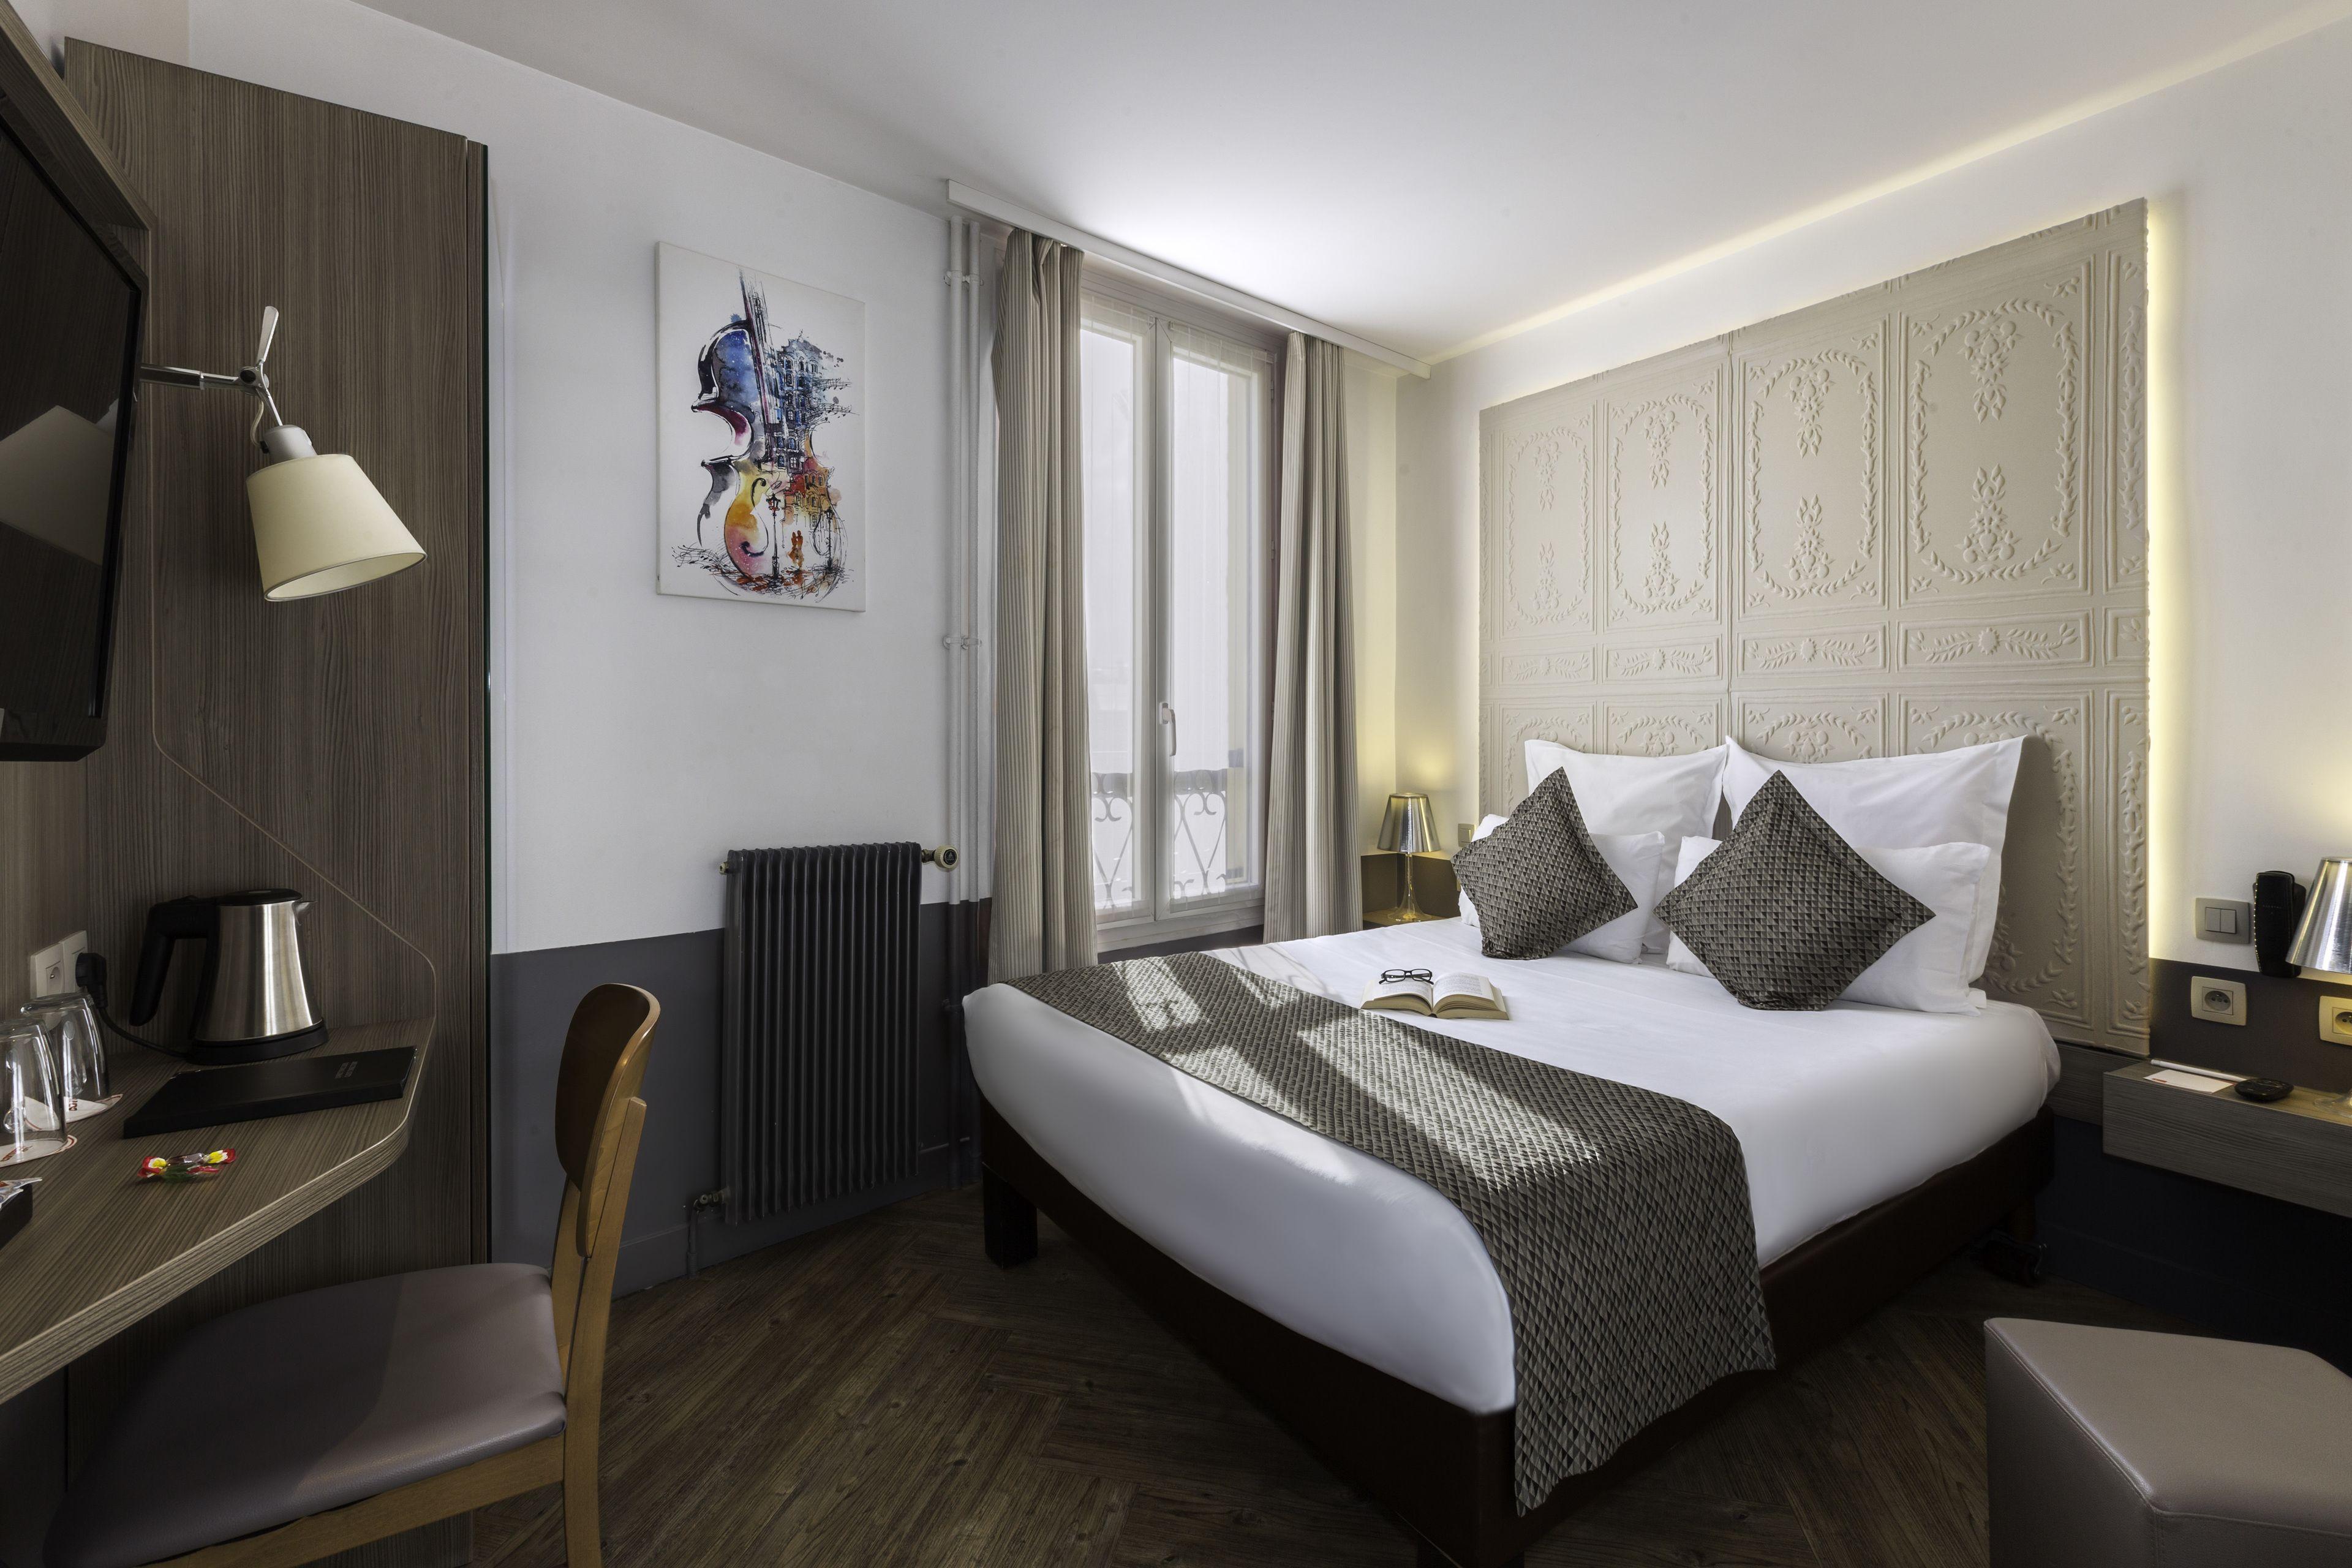 CONTACT HOTEL Alizé Paris Montmartre